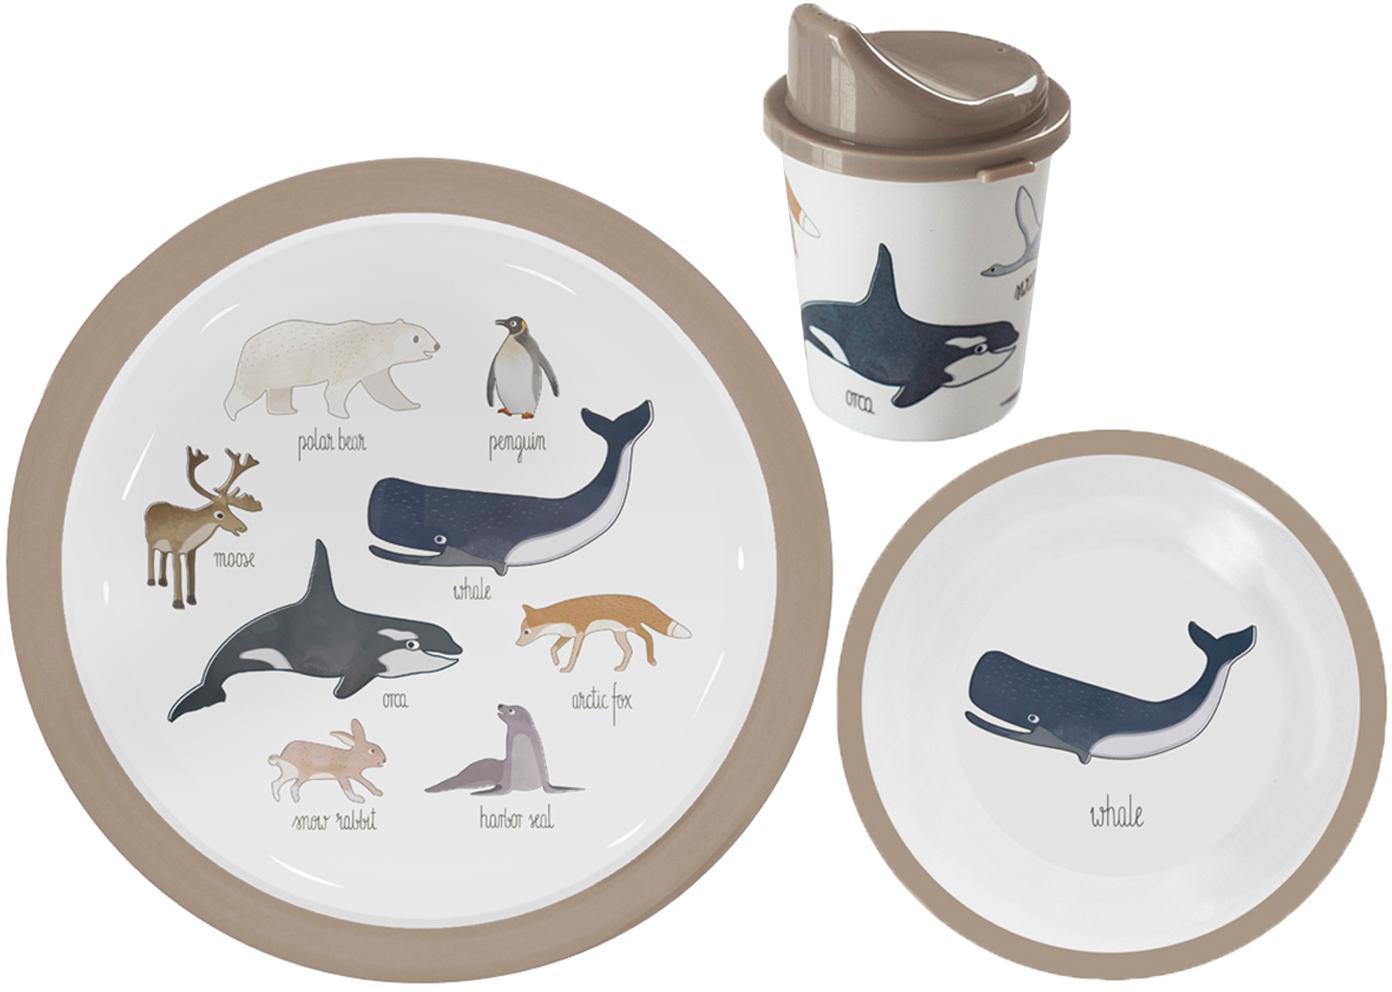 Komplet naczyń Arctic Animals, 3 elem., Melamina, tworzywo sztuczne, Wielobarwny, Komplet z różnymi rozmiarami